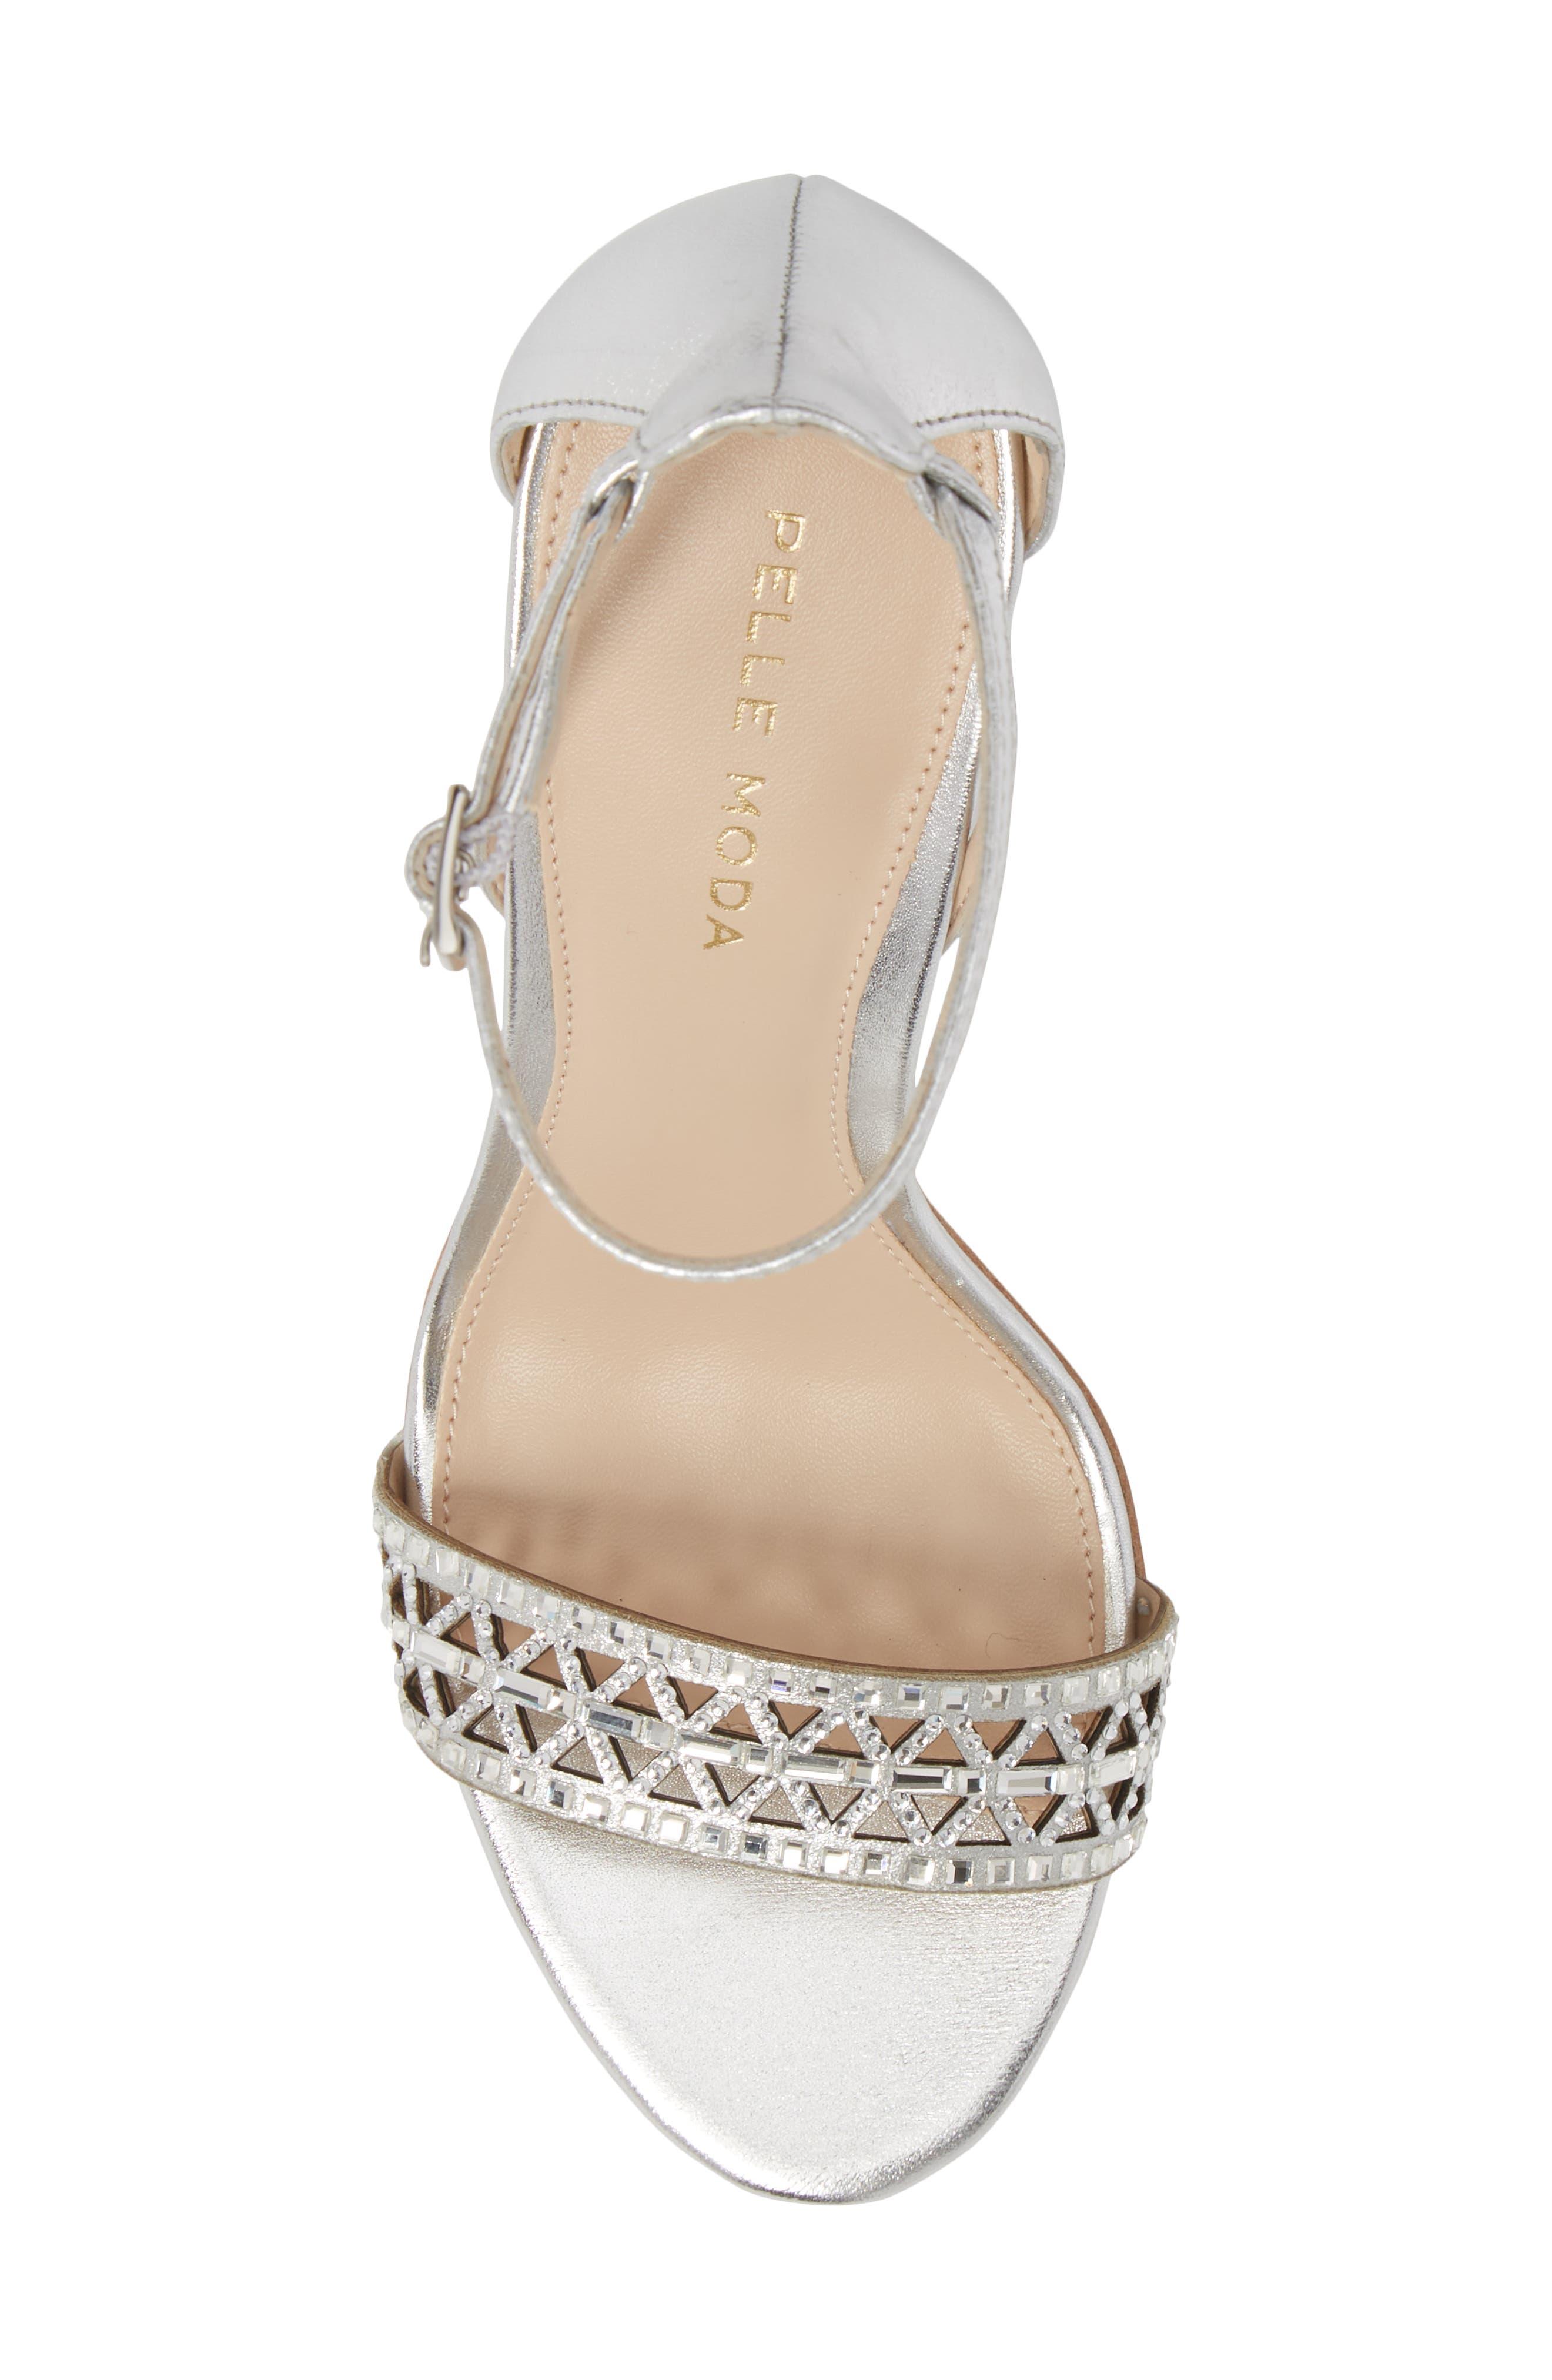 Karmina Embellished Sandal,                             Alternate thumbnail 5, color,                             Silver Leather